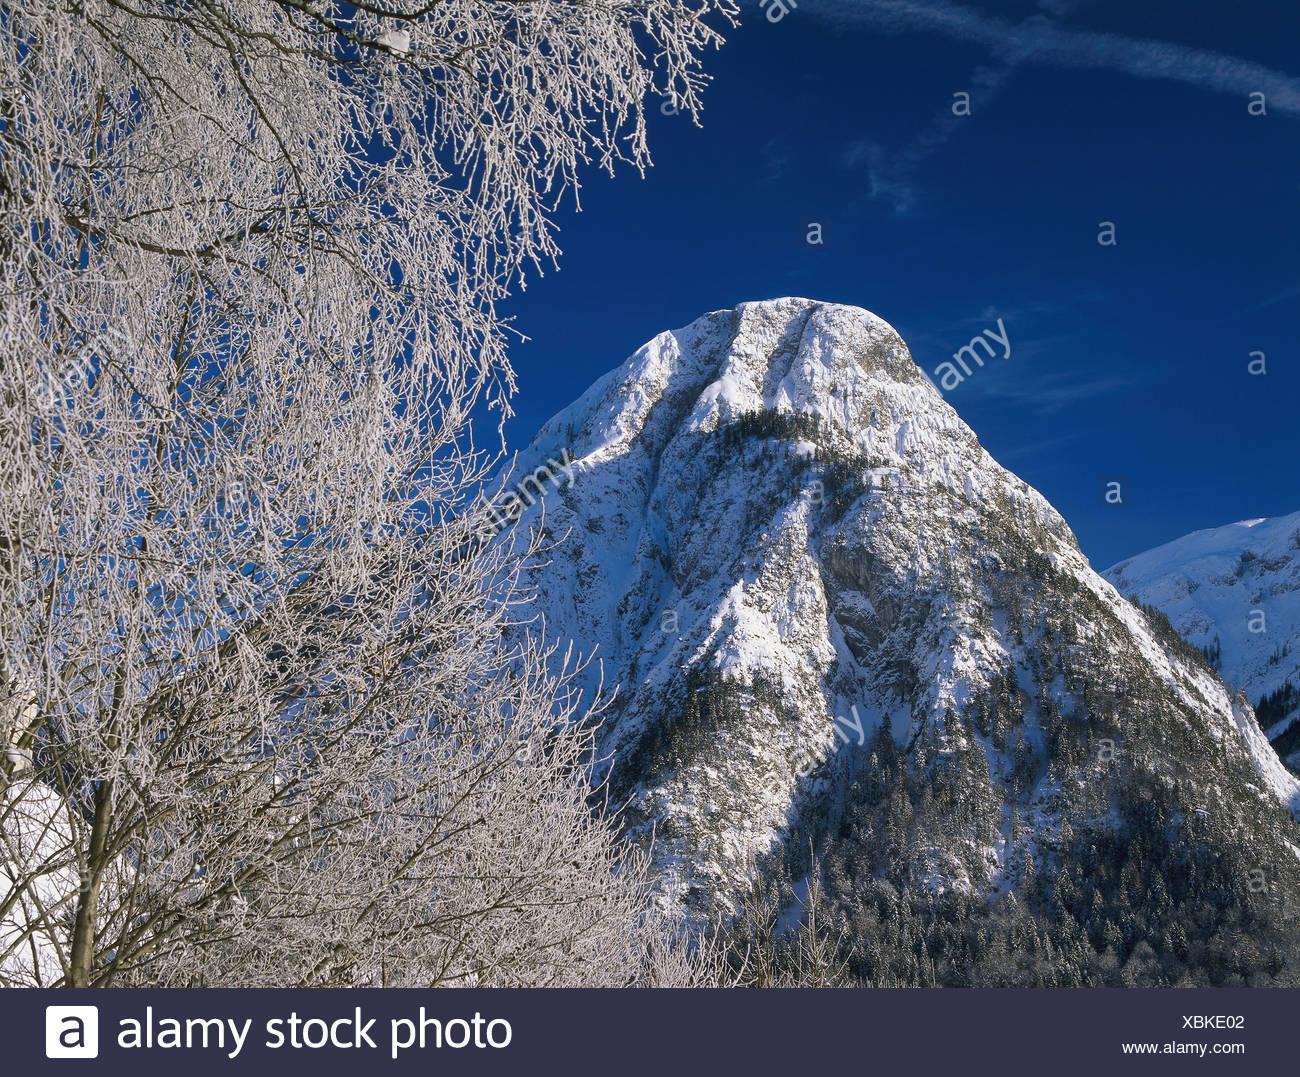 snowed in Austria Tyrol Maurach am achensee Bärenkopf winter North-Tyrol Karwendel-mountains mountain summit snow-covered - Stock Image